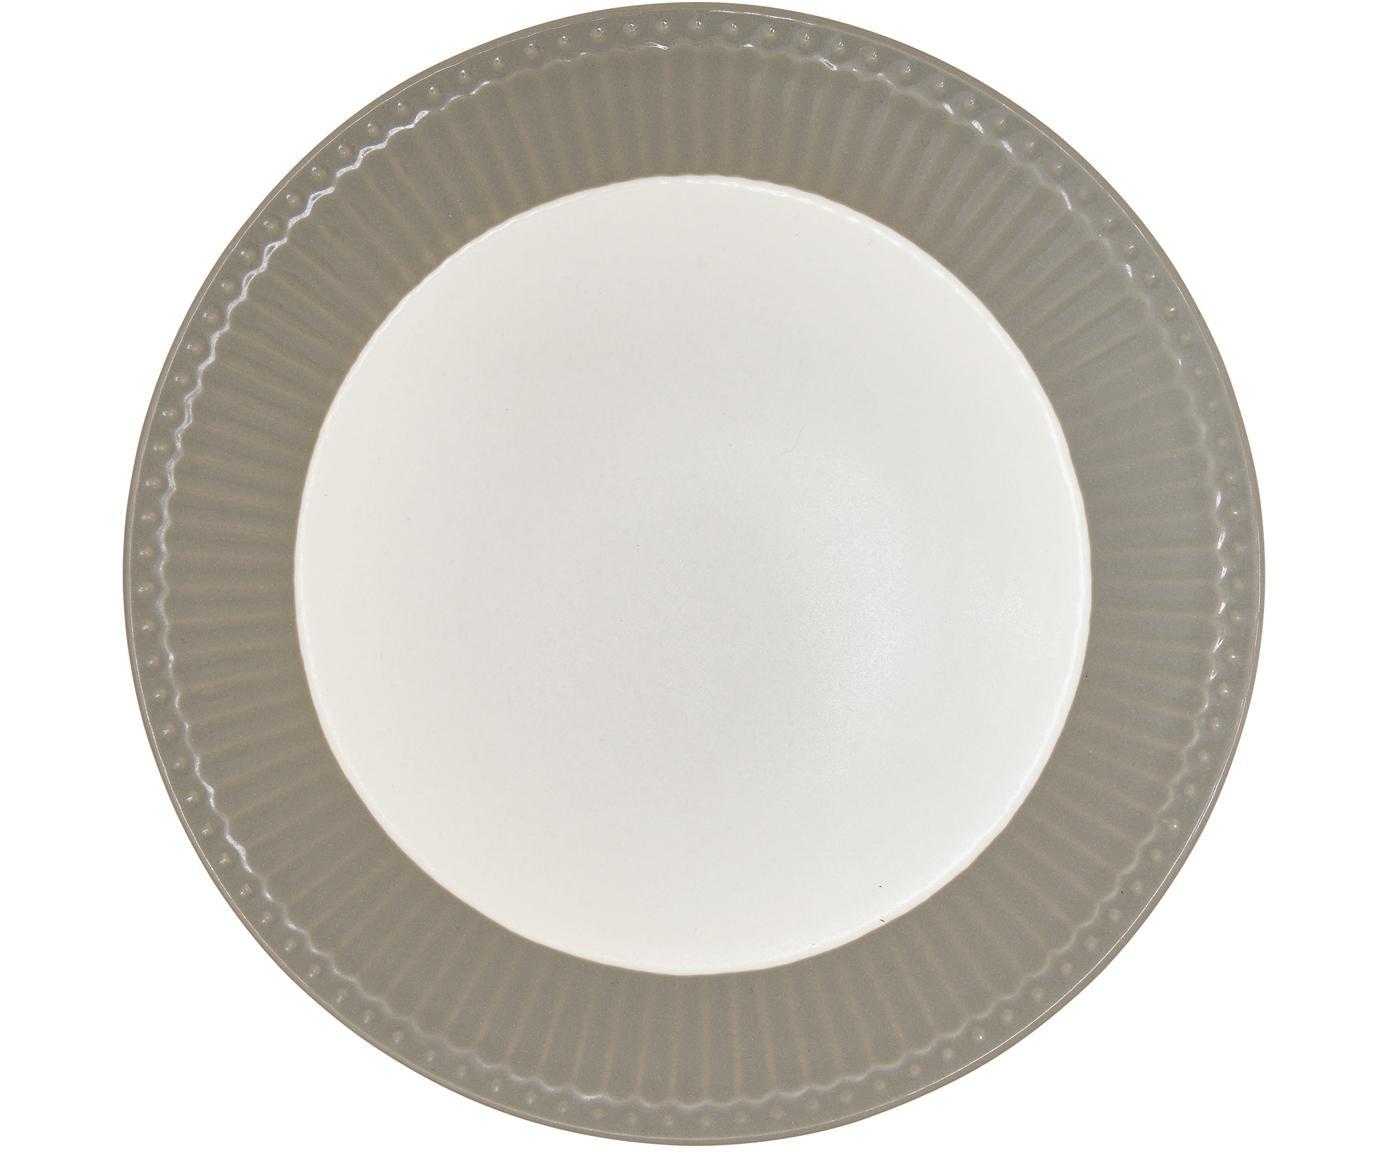 Talerz śniadaniowy Alice, 2 szt., Porcelana, Szary, biały, Ø 23 cm